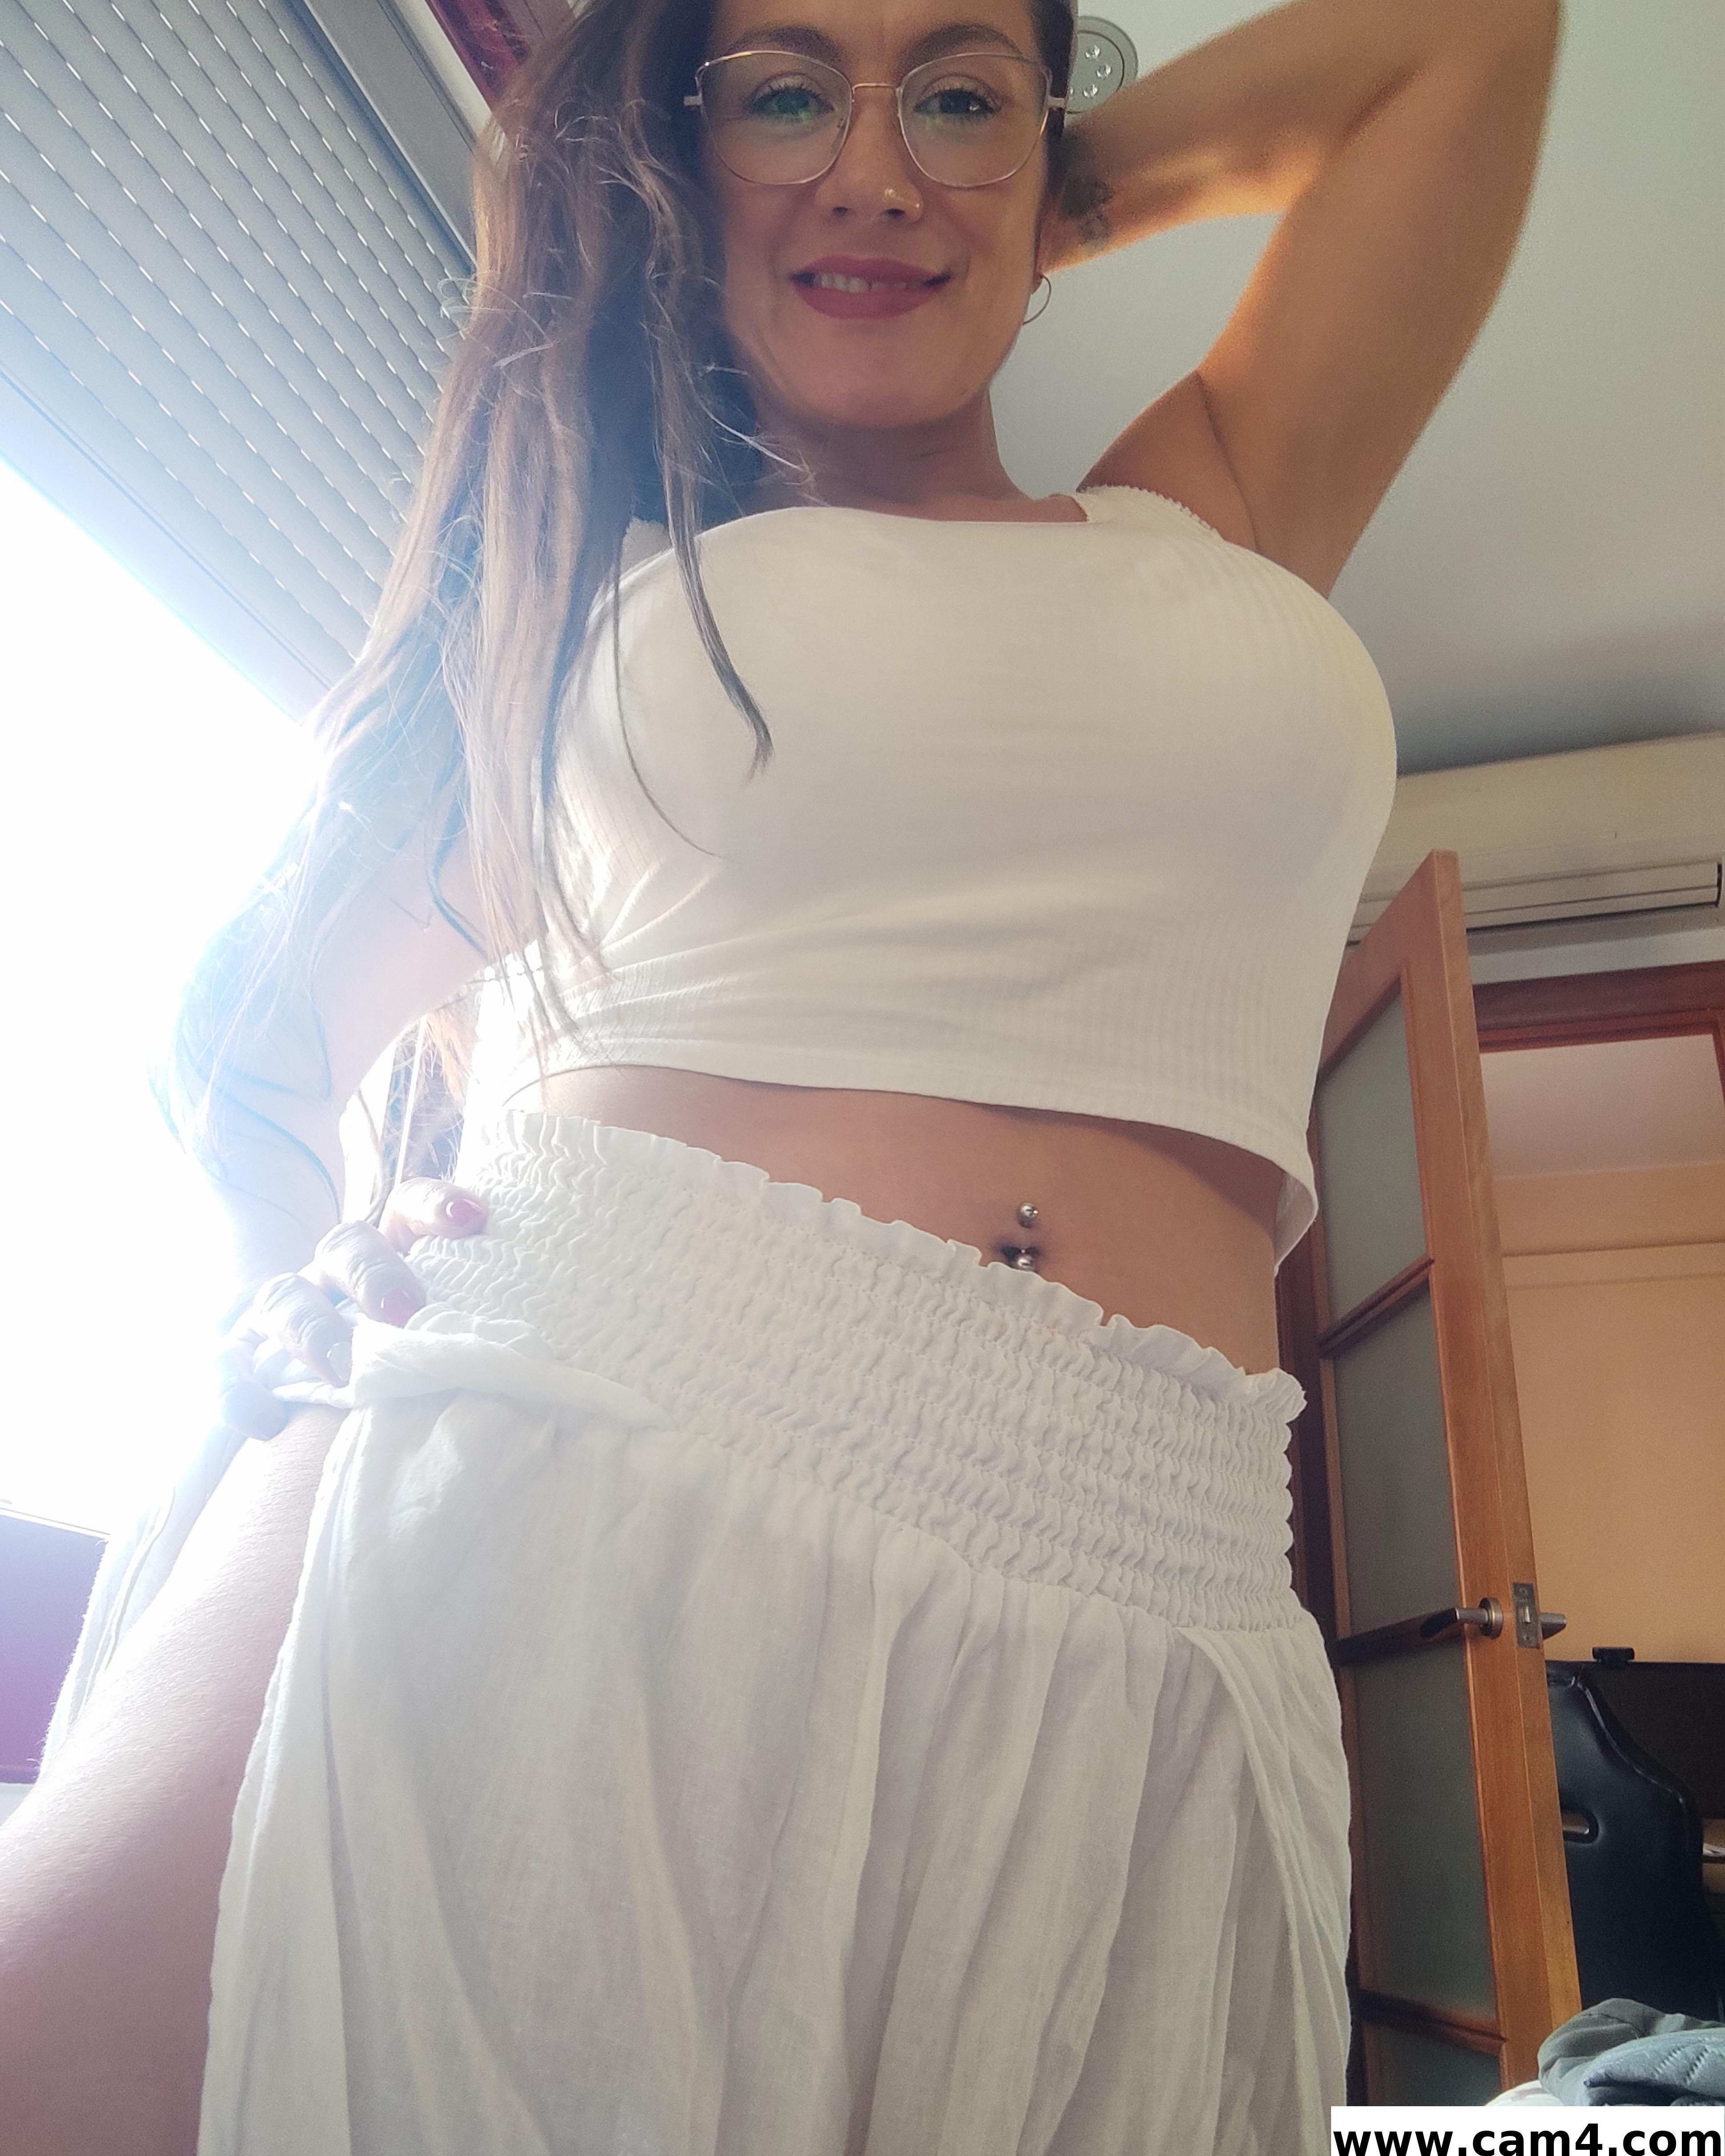 Angelita81?s=kdvlustoag540ivex1ete+puqlwkzaavzxecuead930=